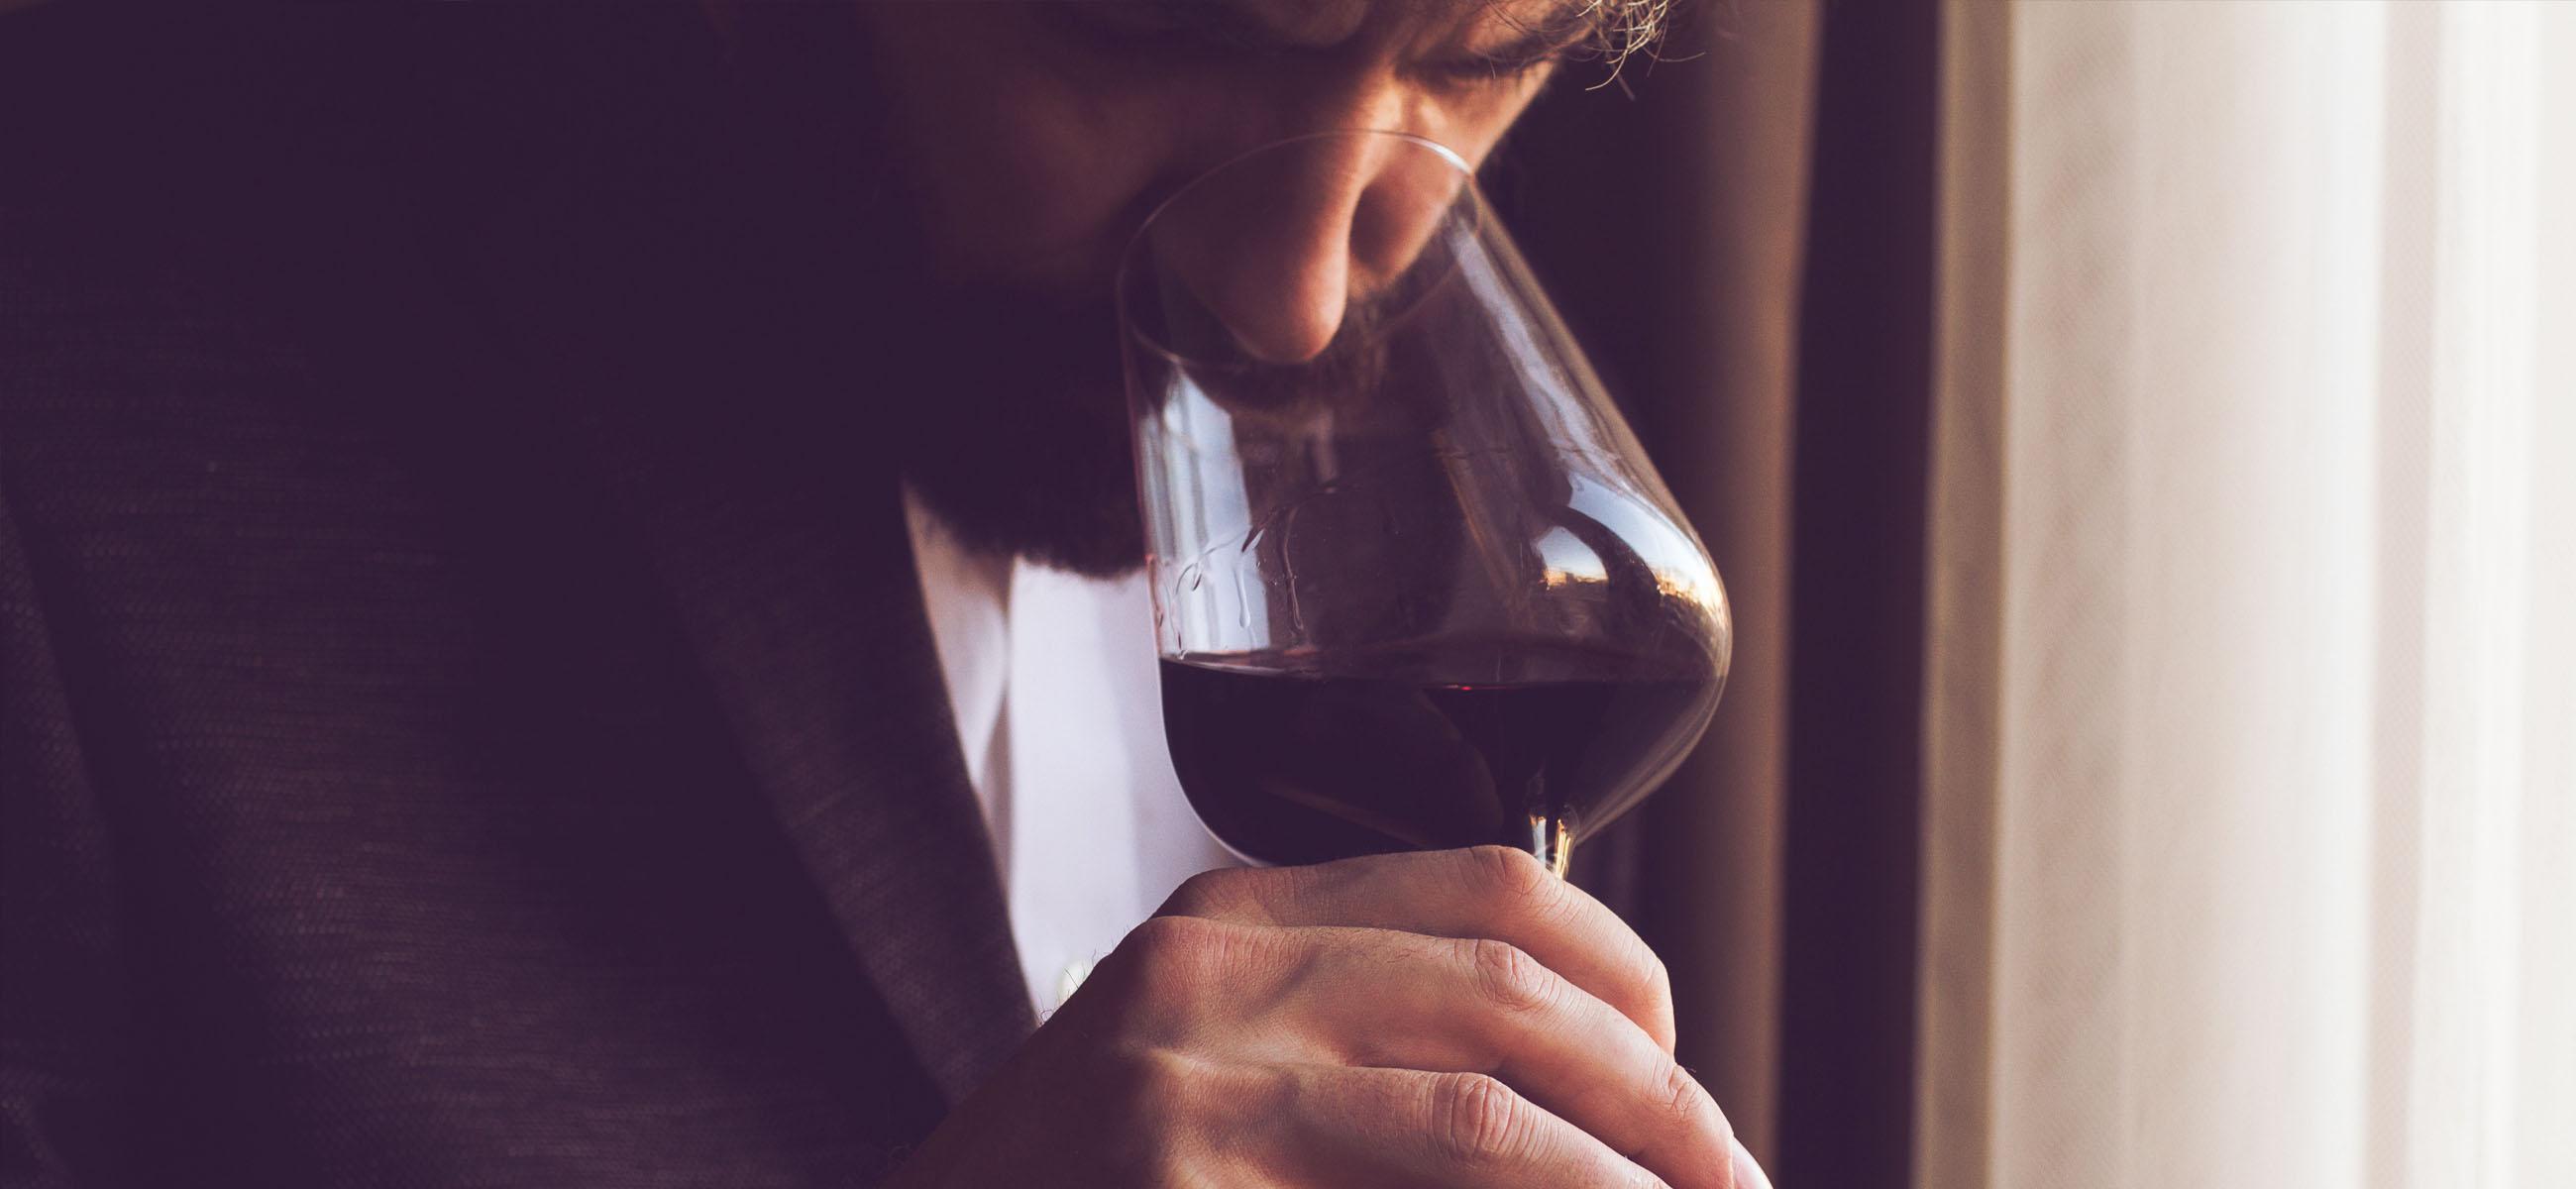 uomo con bicchiere